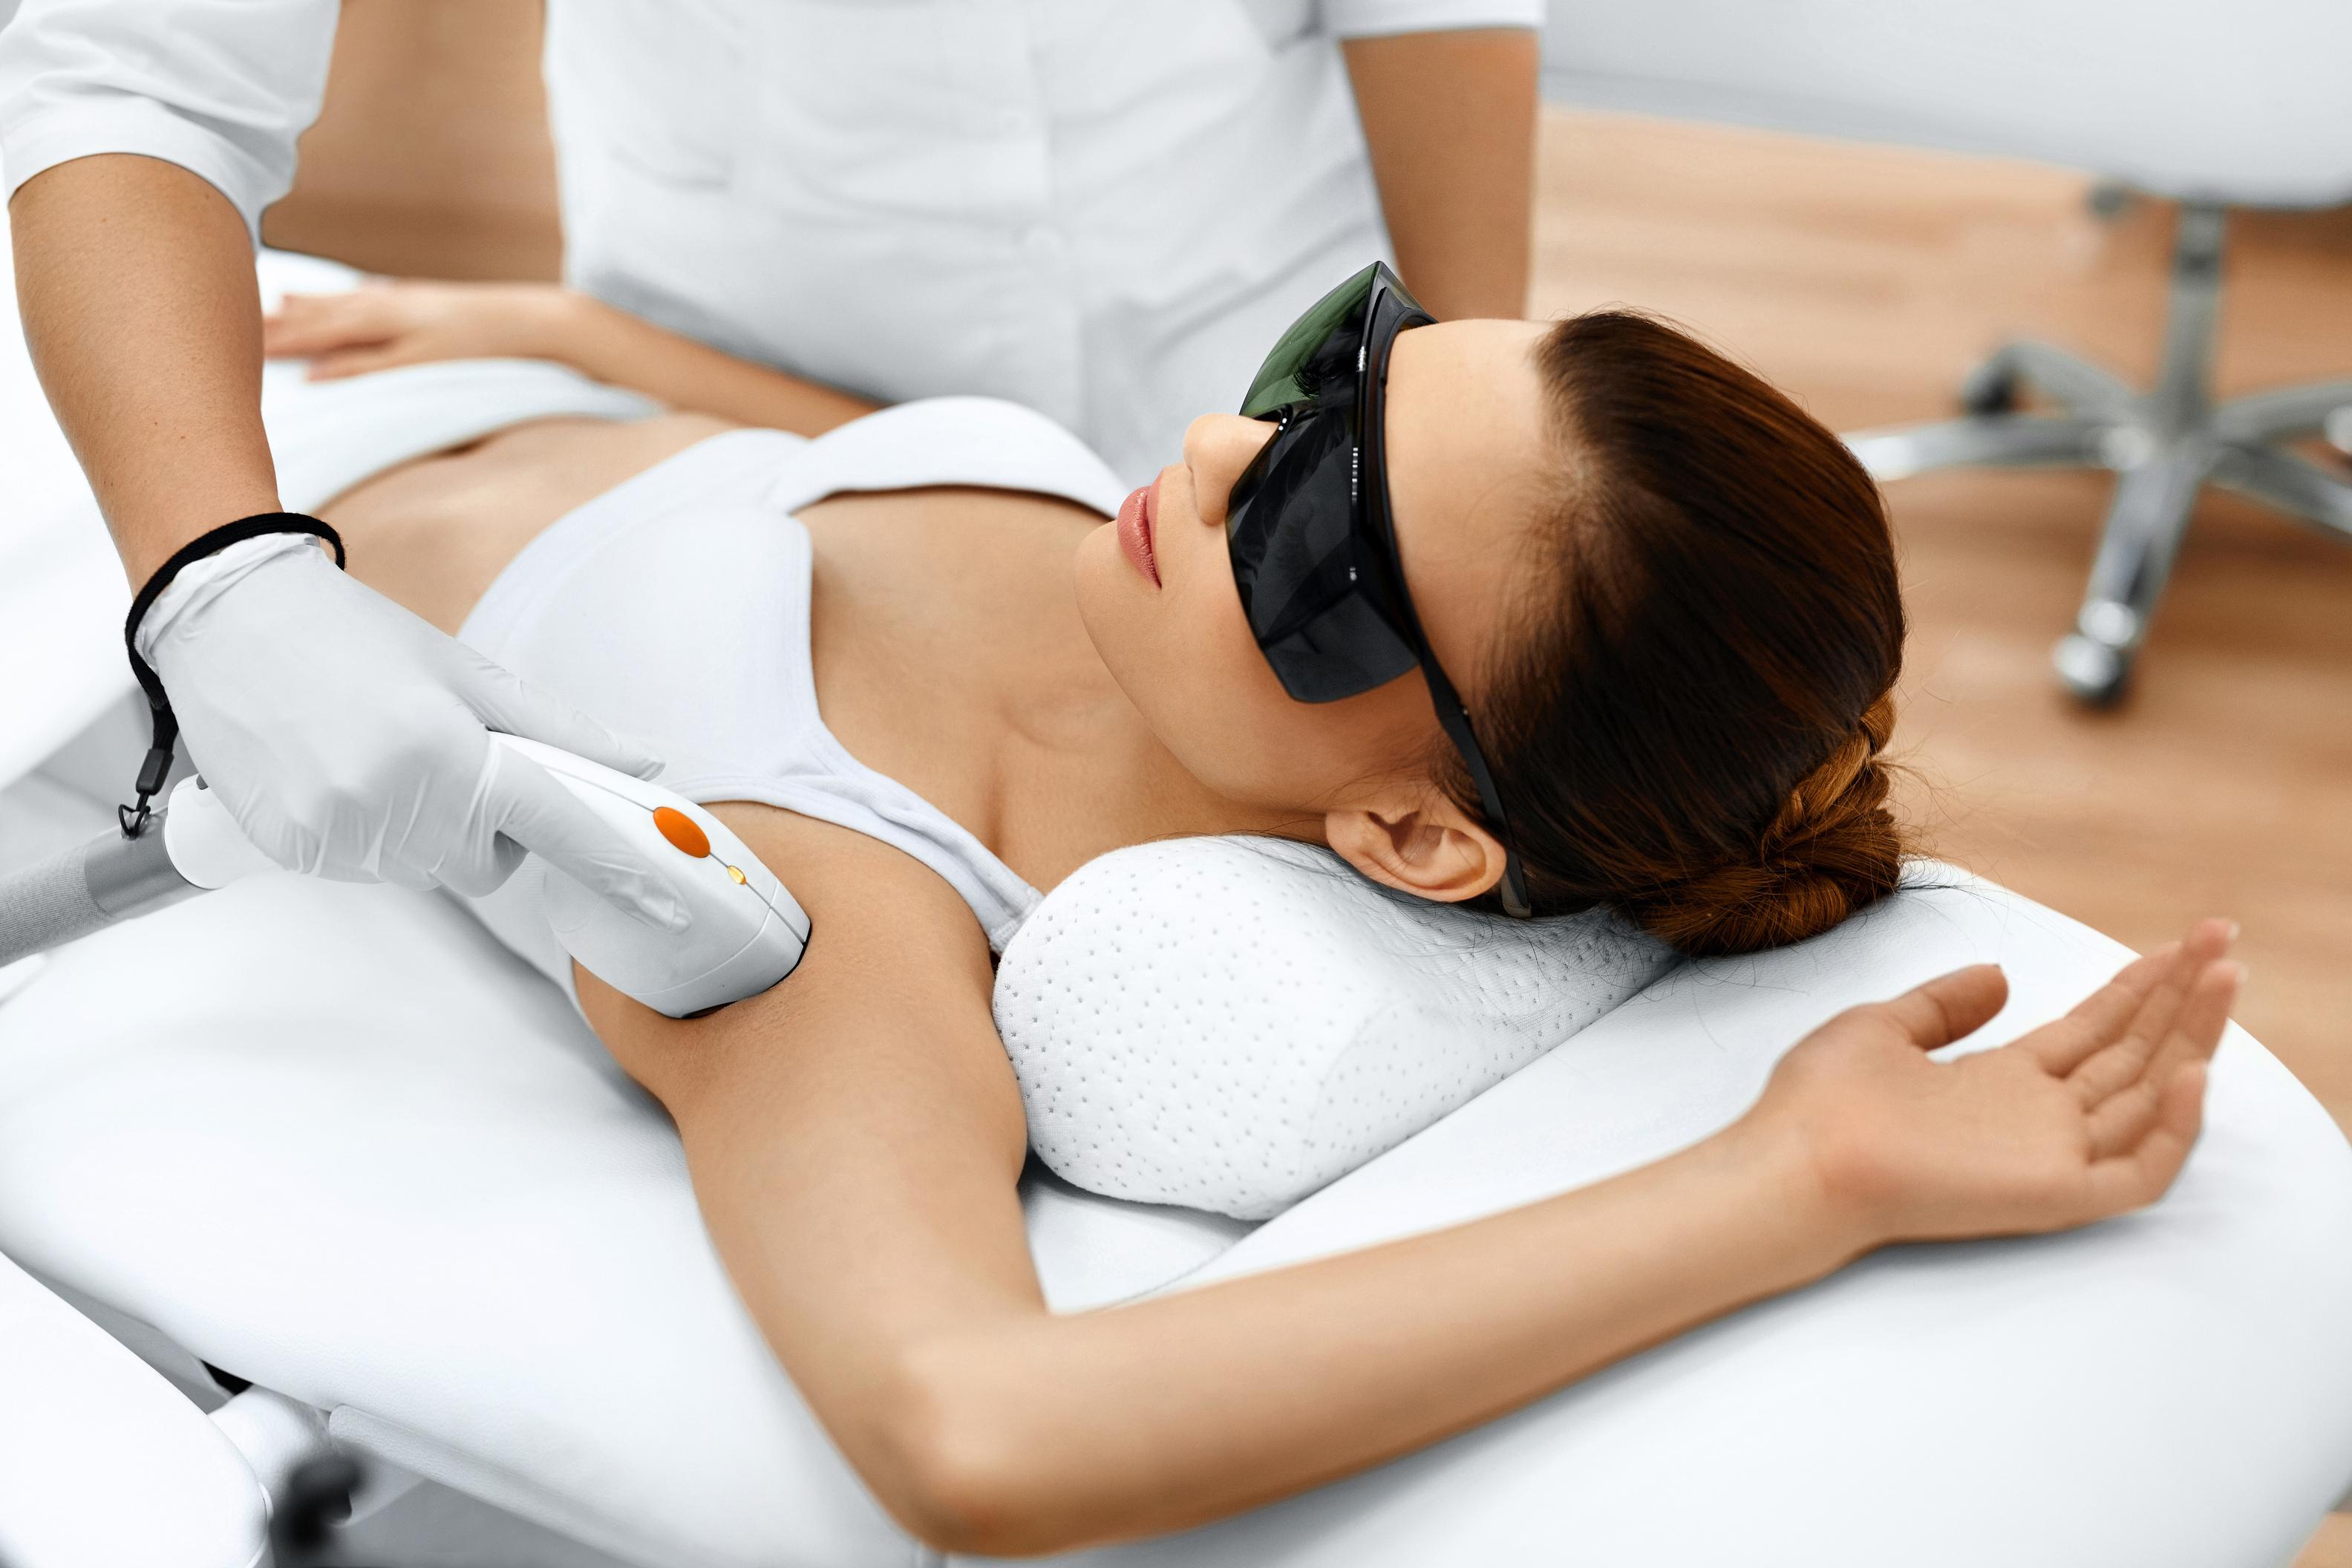 traitements lasers, retissage cutané, relâchement cutané, gynécologie esthétique, laser intime, peelings, microneedling, médecin, cosnac